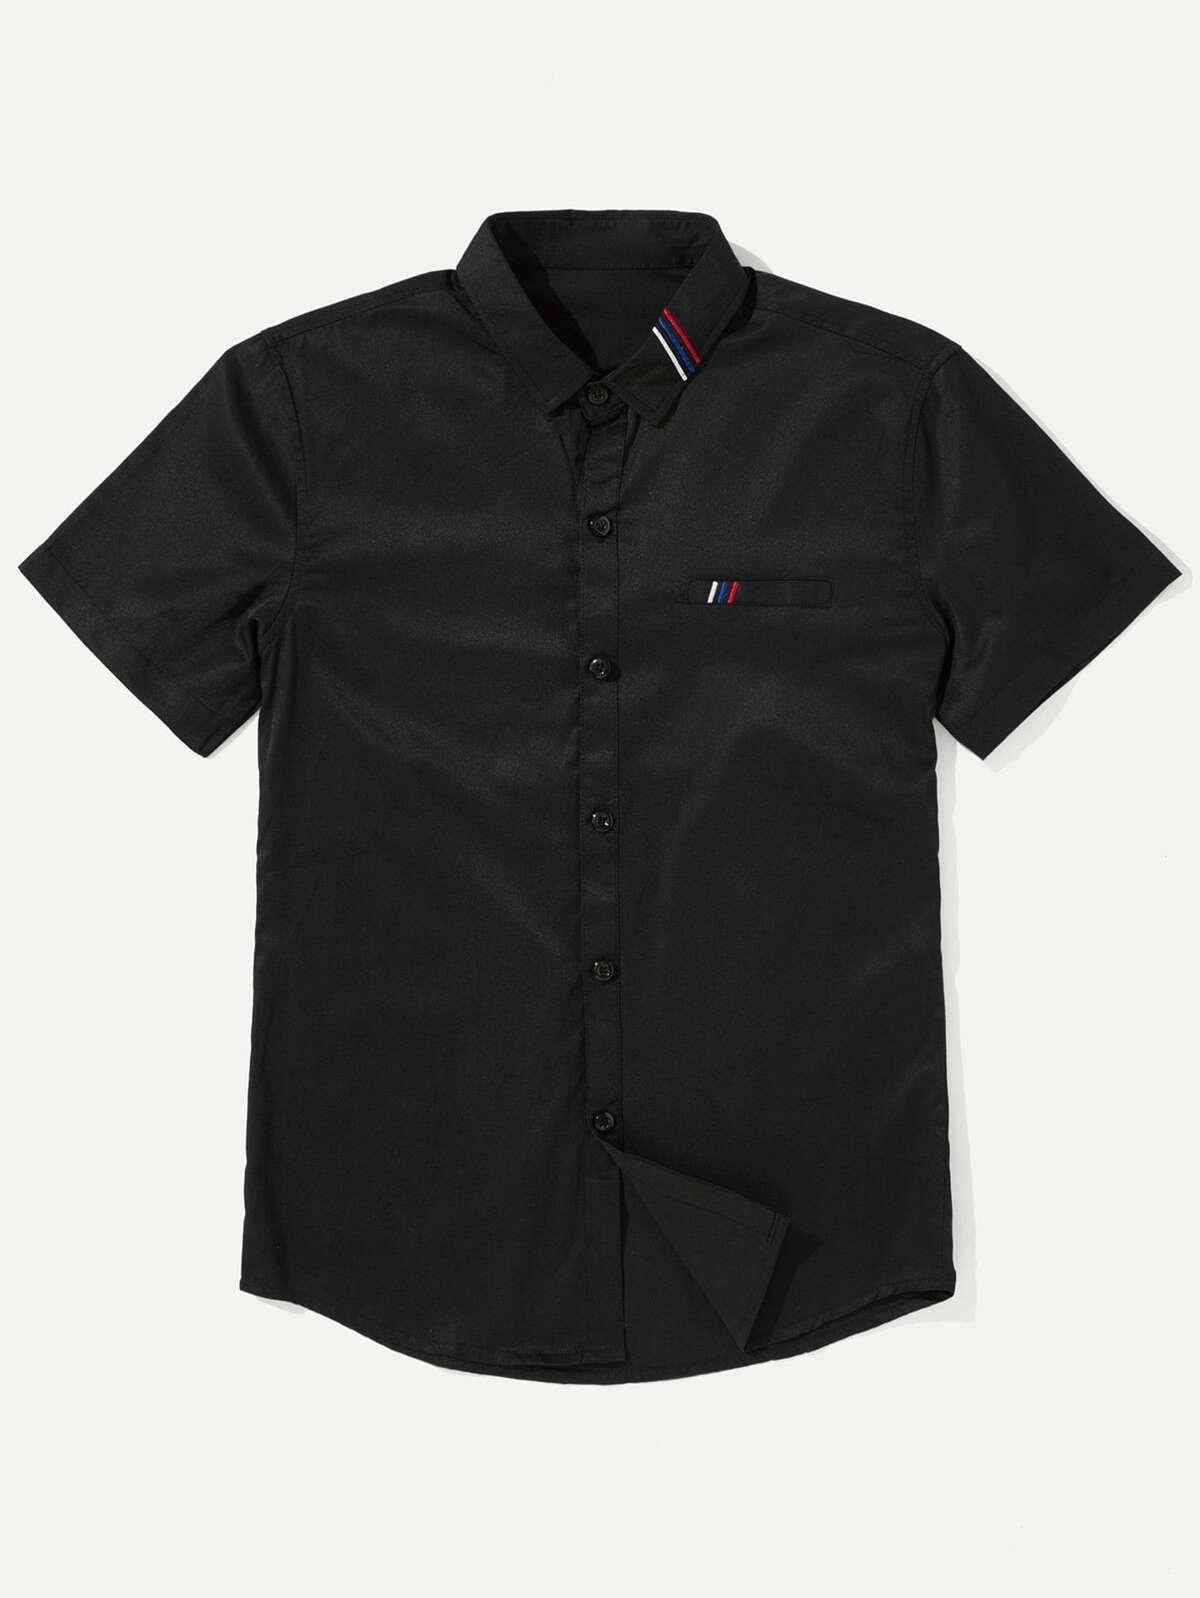 男人 條紋 刺繡的 襯衫